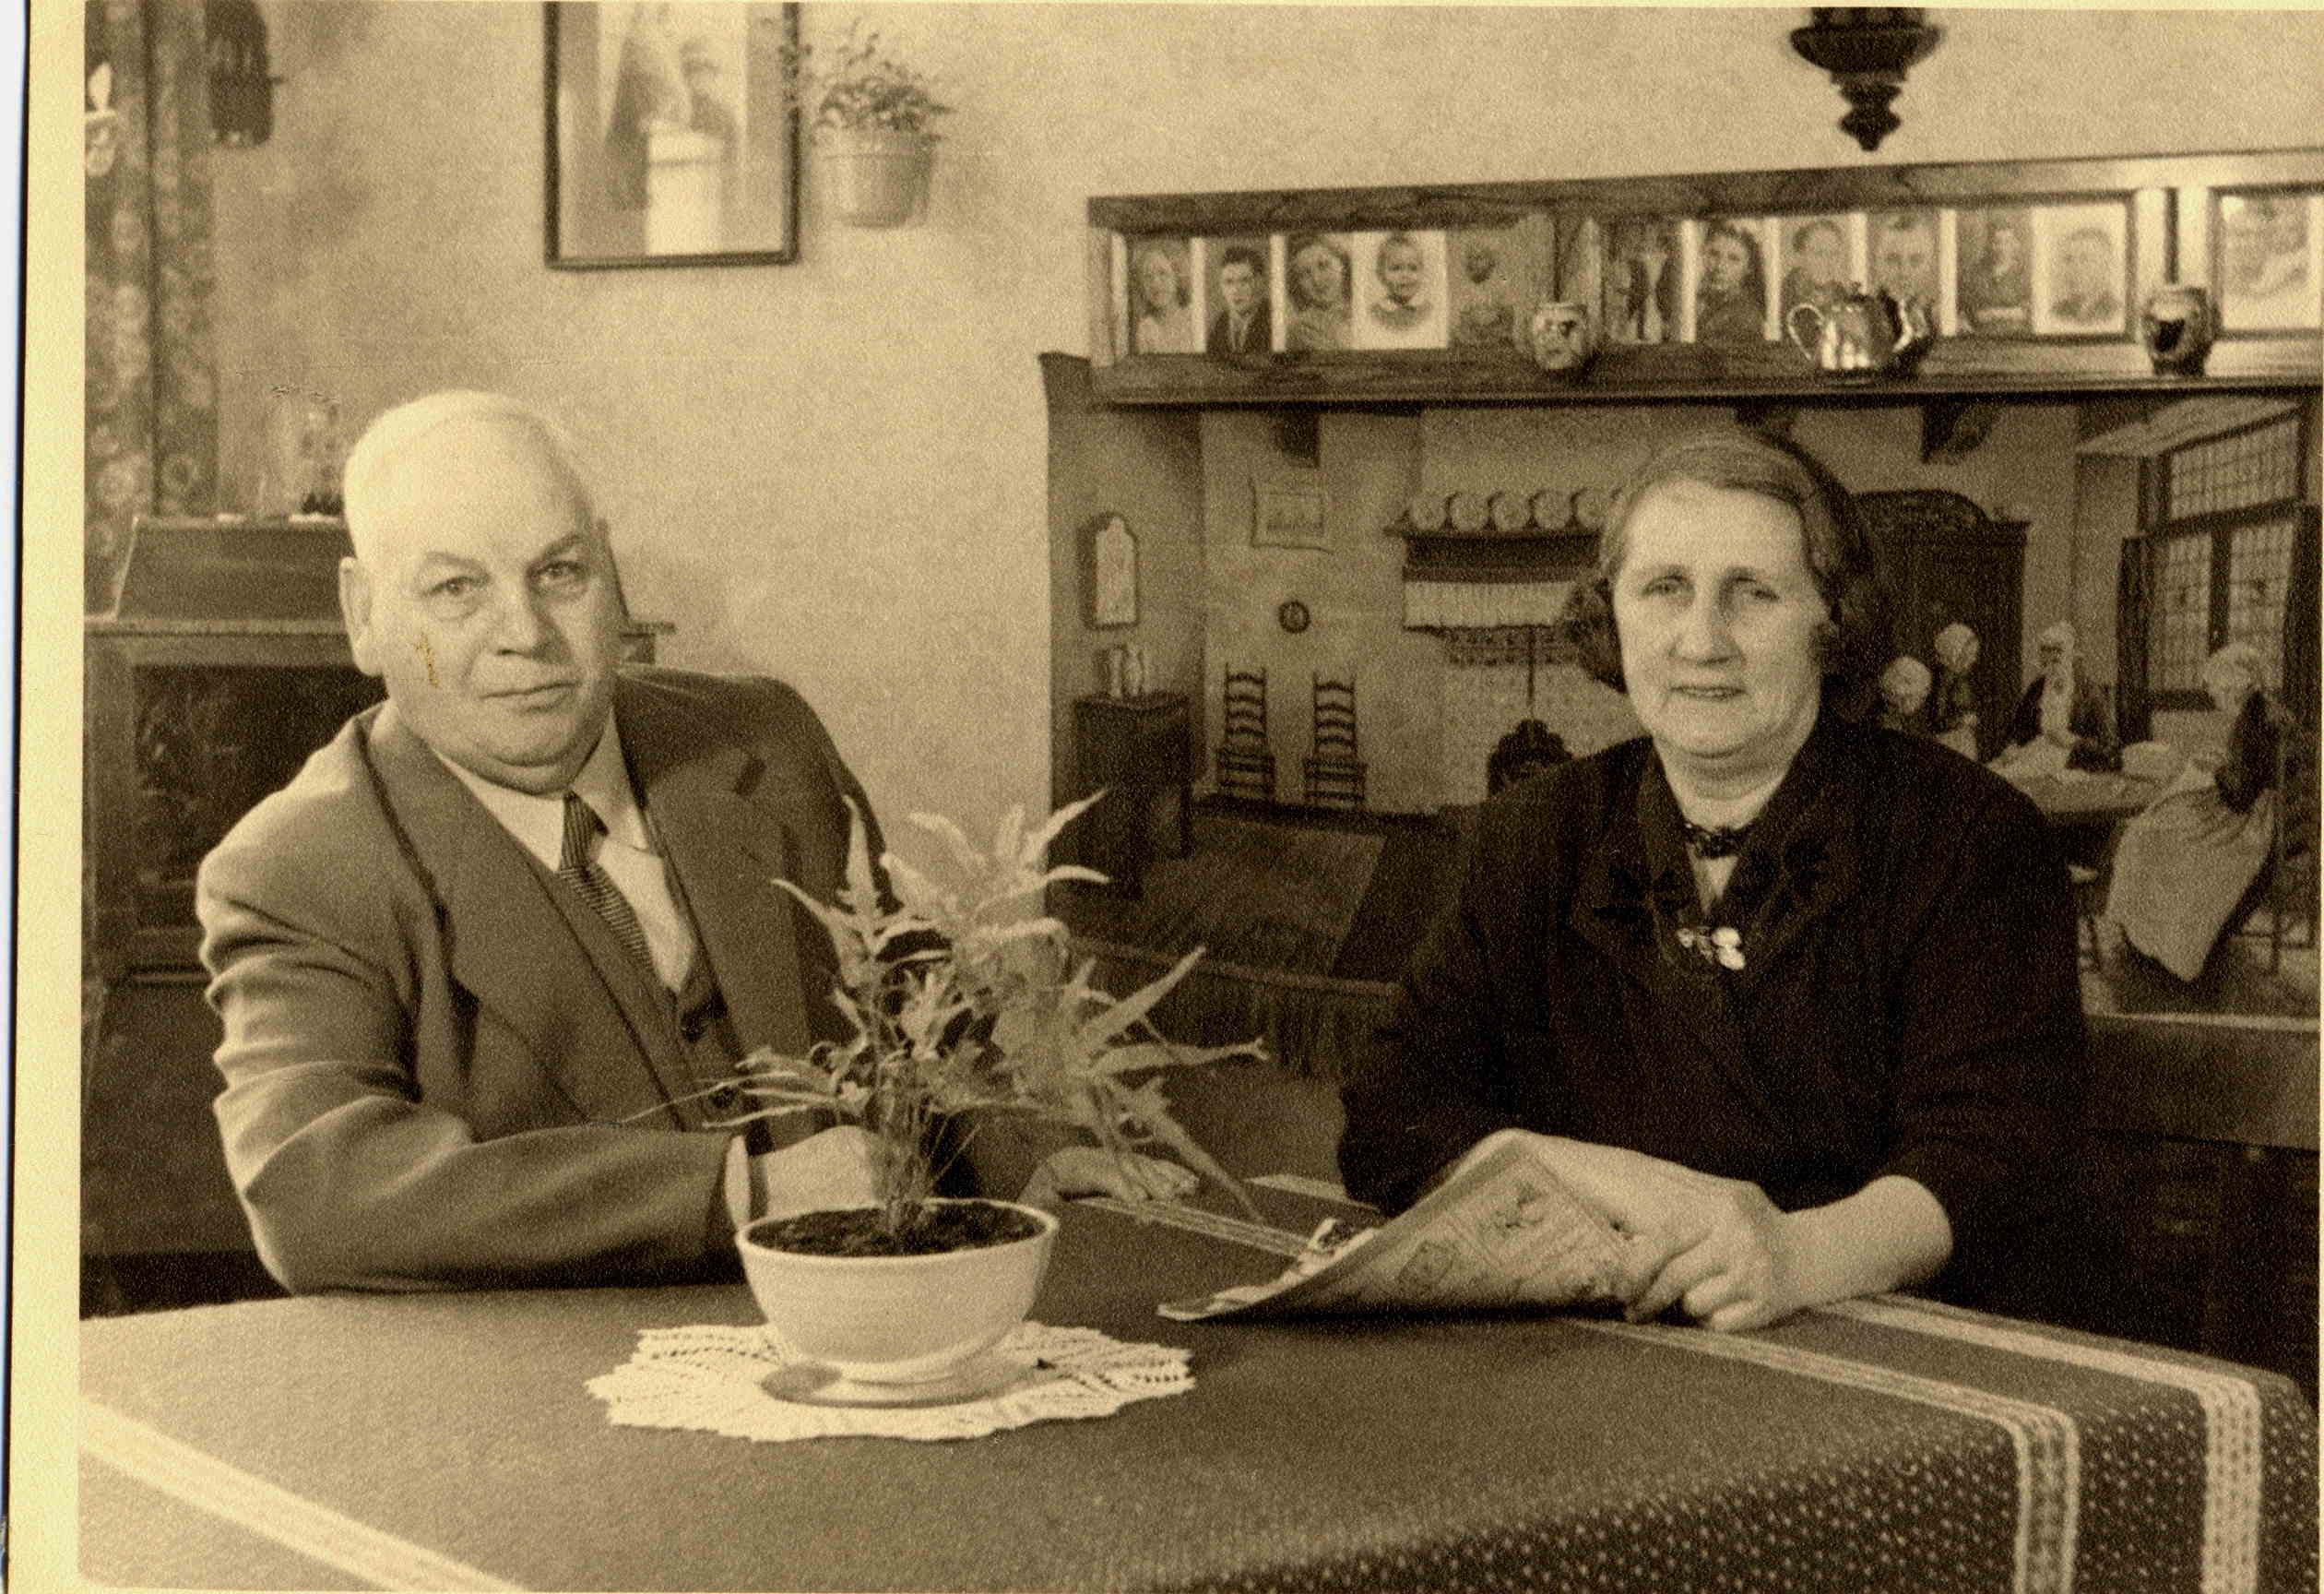 Otto Cornelis van Heerden (1880-1961), Aafje van Bree (1889-1982)